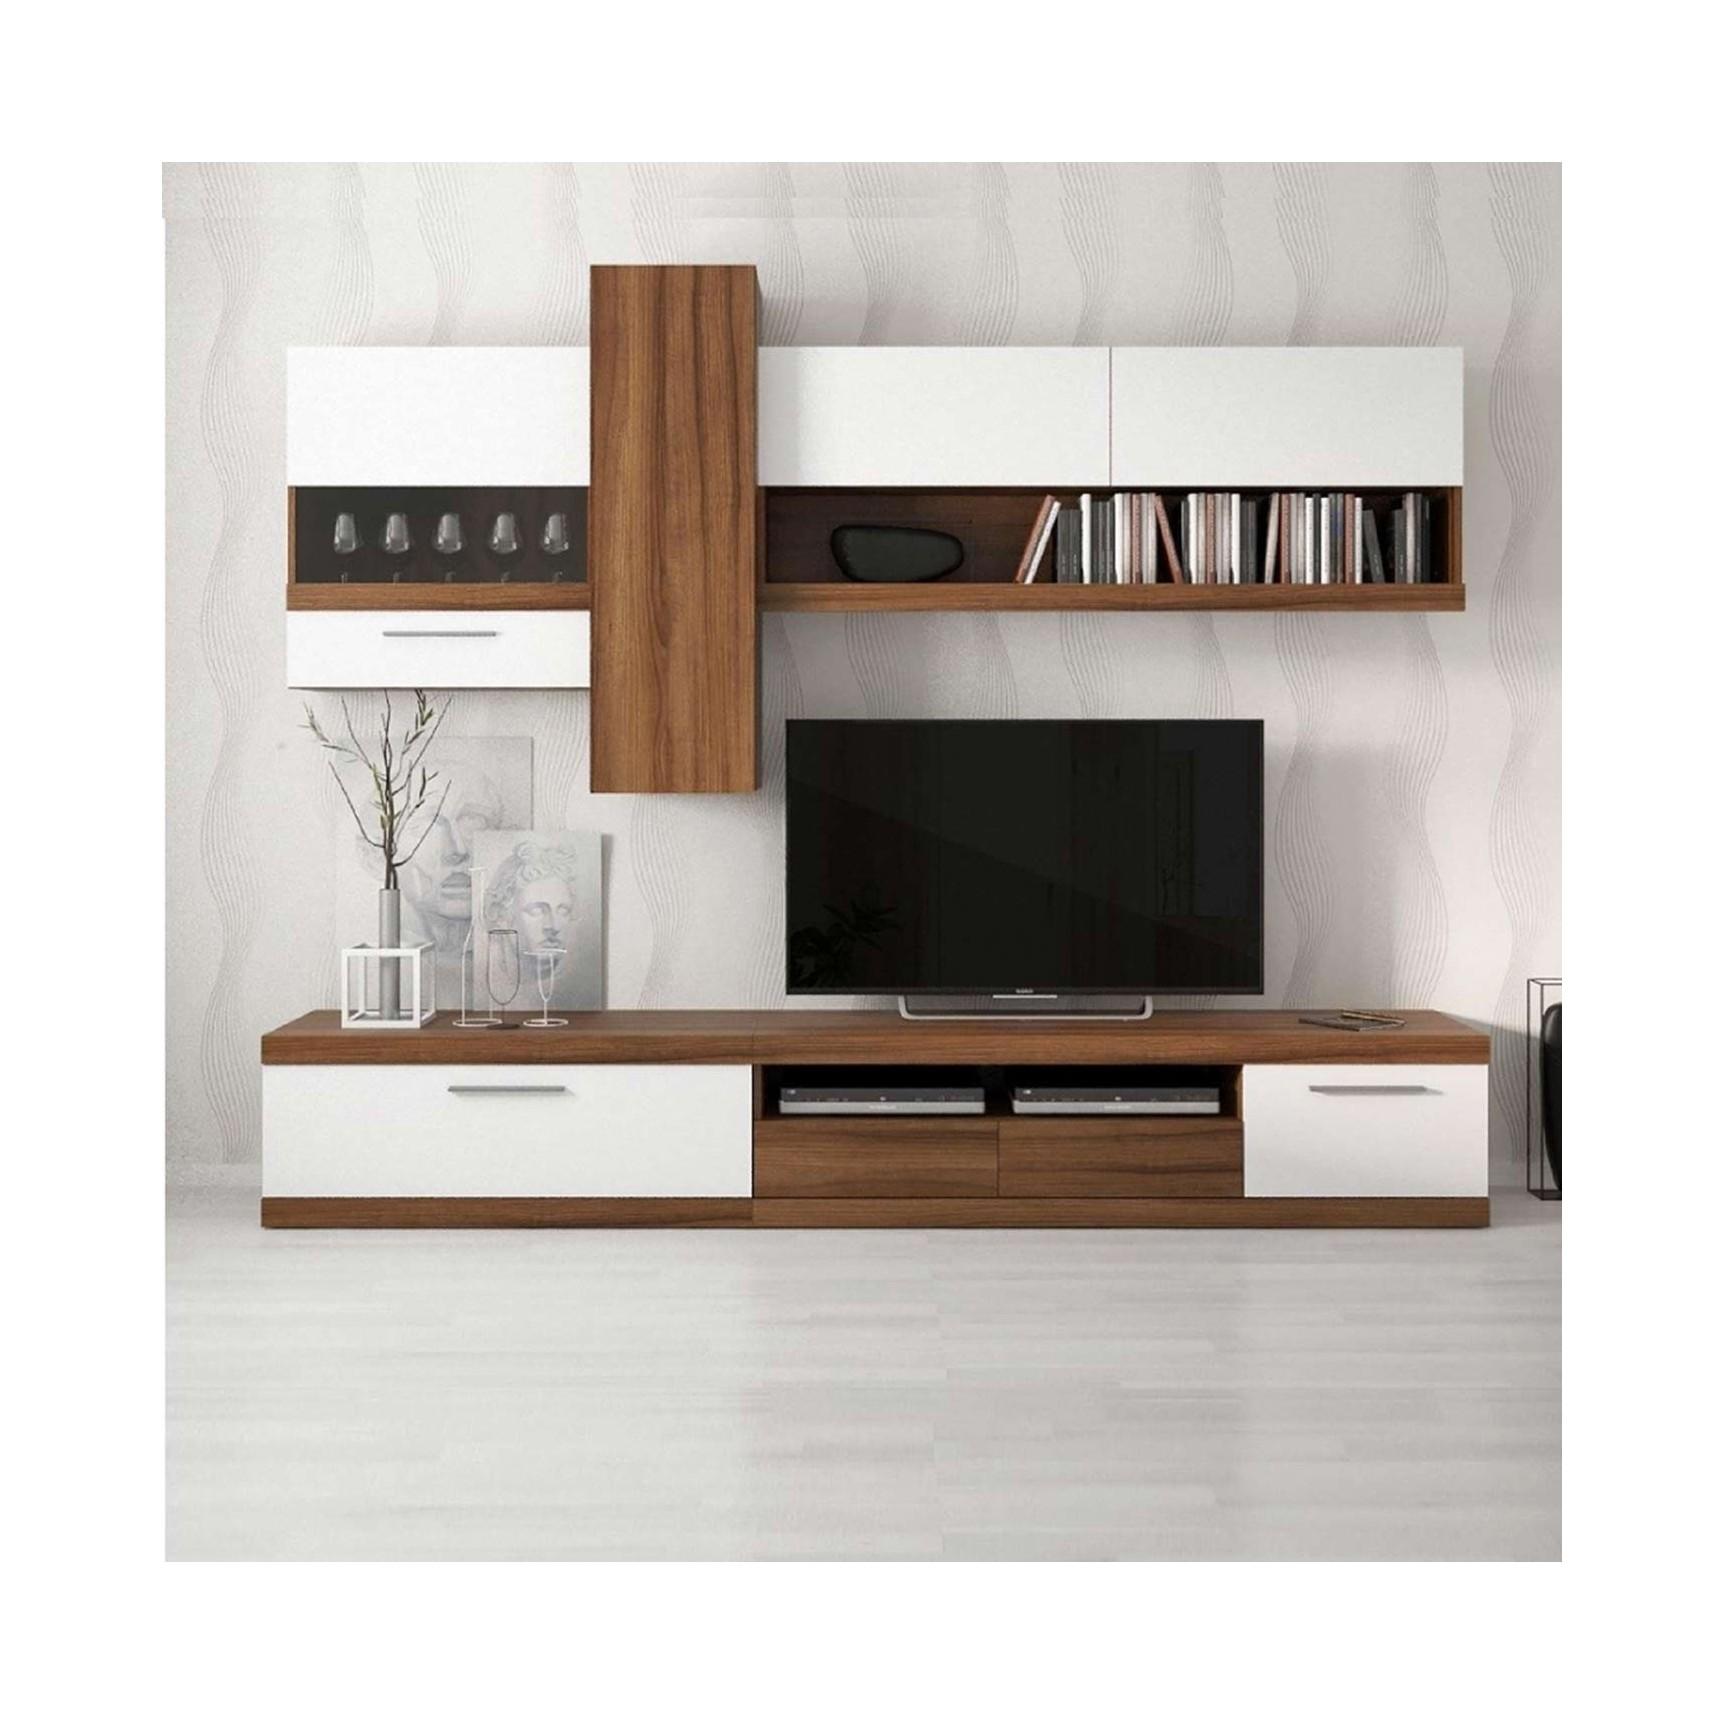 Meuble tv led mobilier design d coration d 39 int rieur for Meuble interieur design